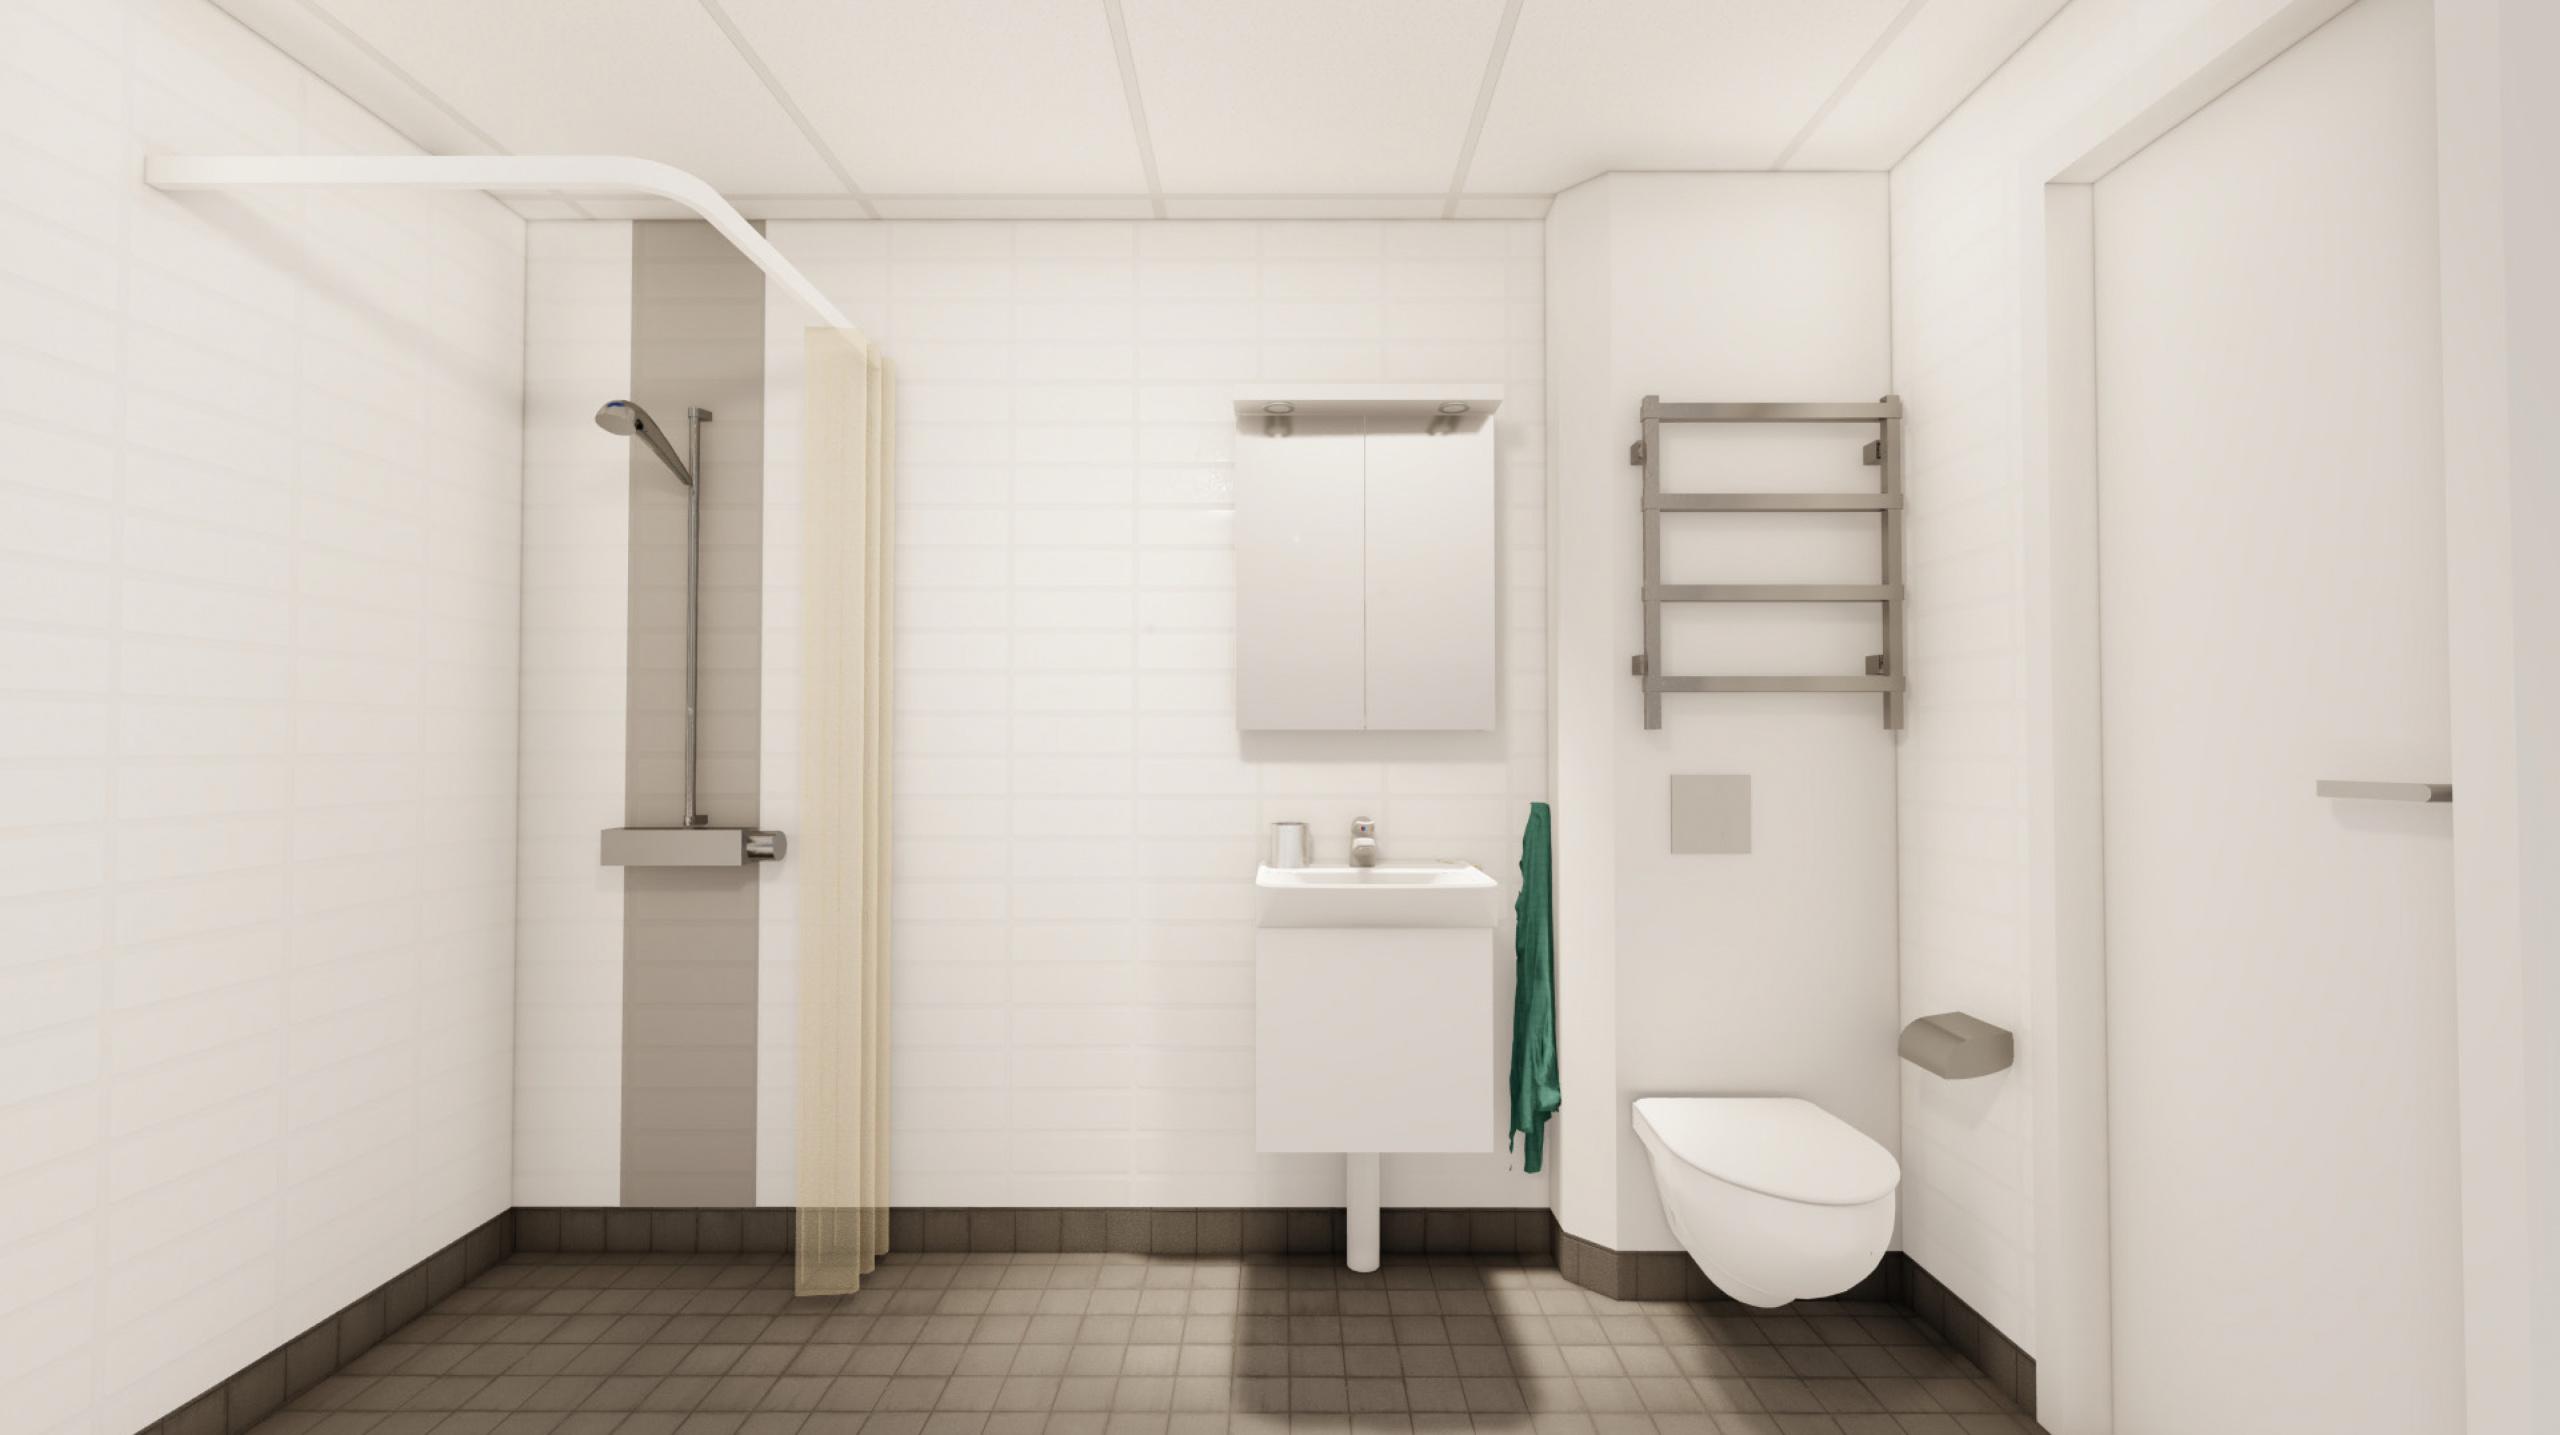 Duschrum med hängande WC, handdukstork, och spegelskåp med belysning och eluttag.